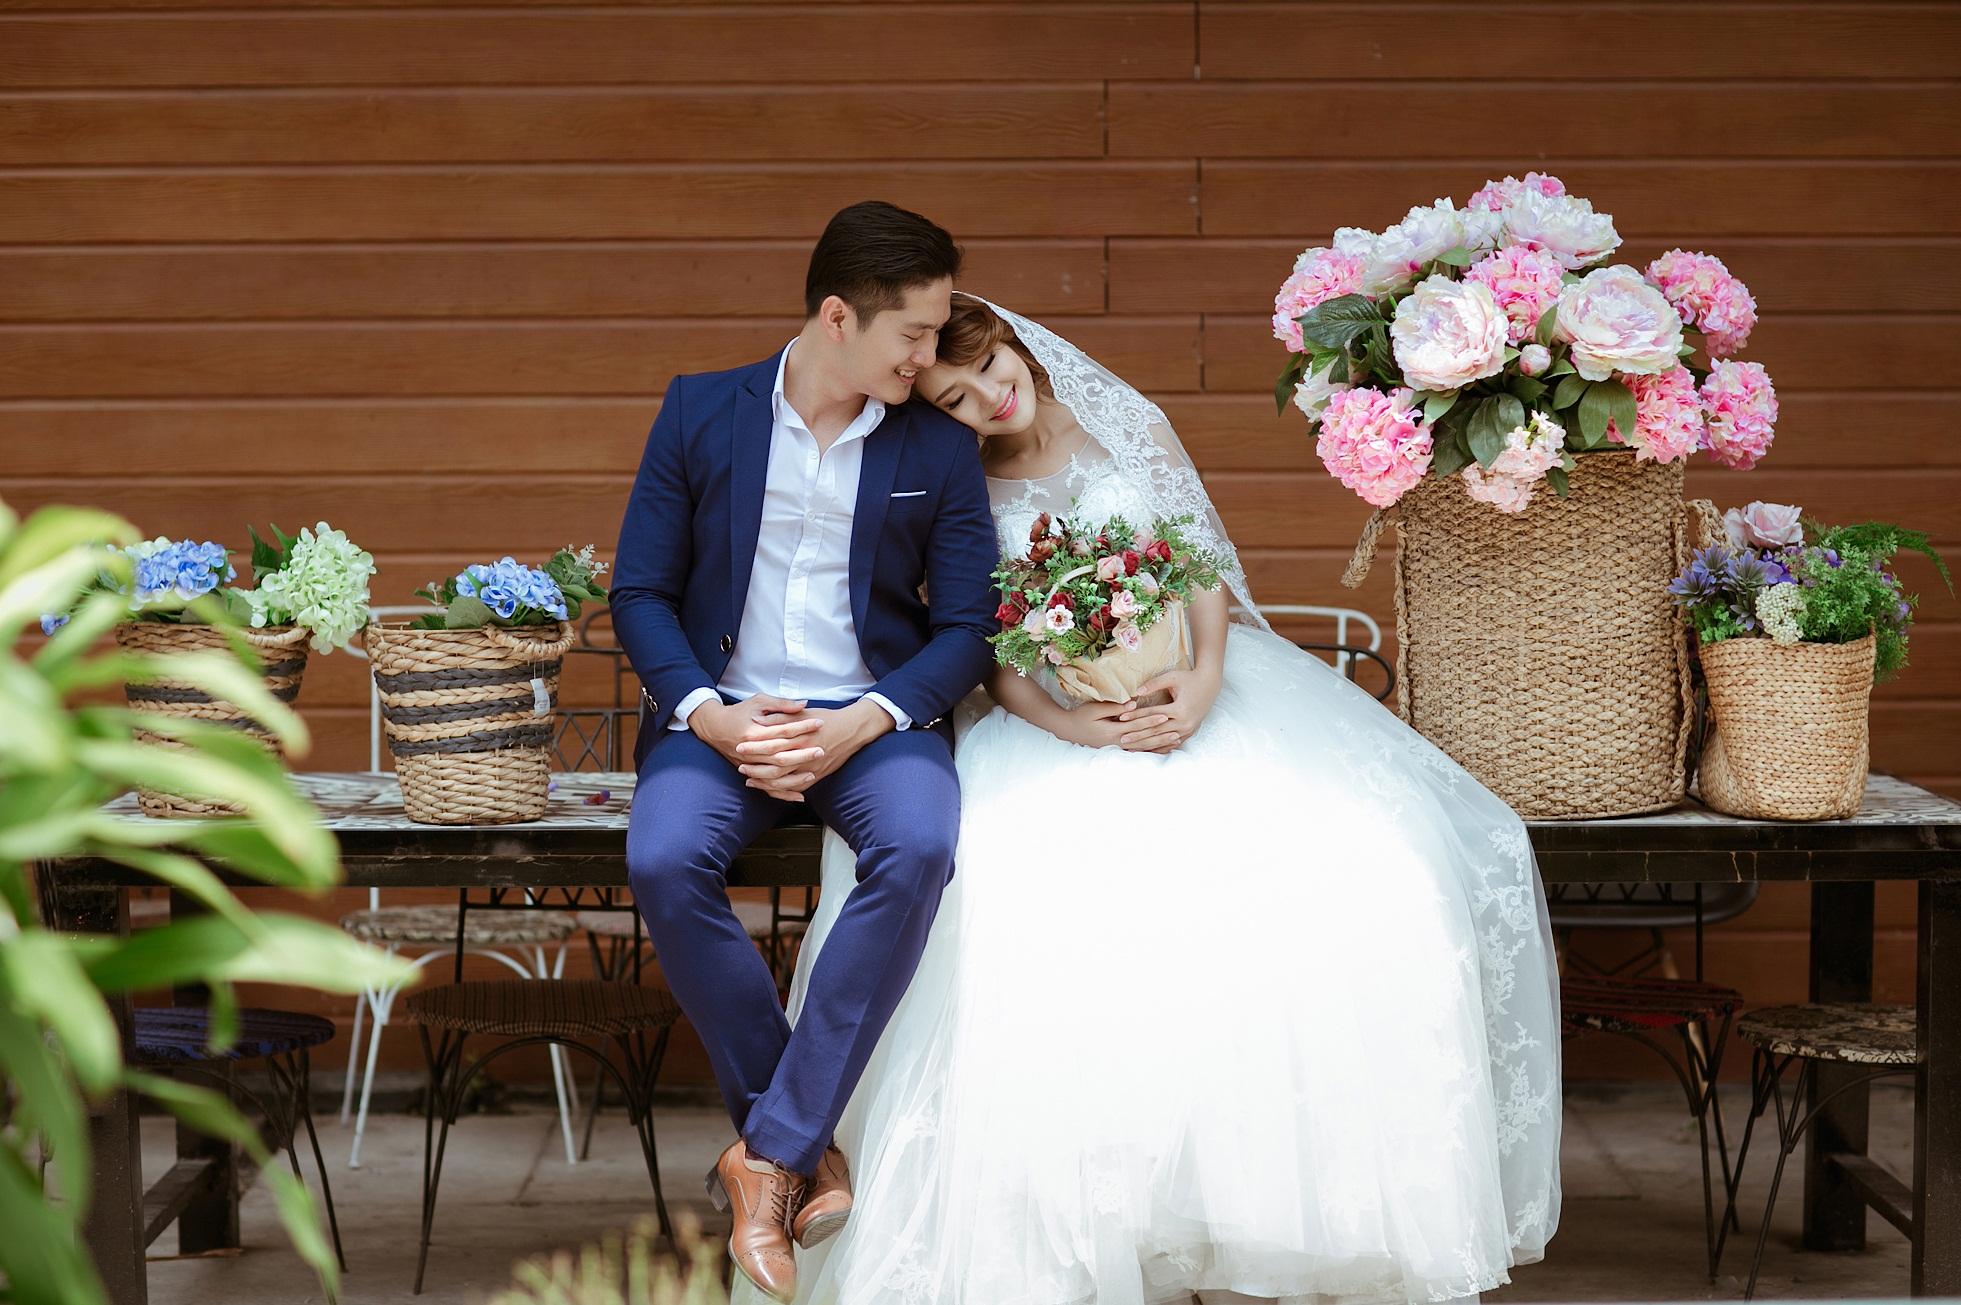 Chụp hình cưới đẹp cho cô dâu khi ngồi